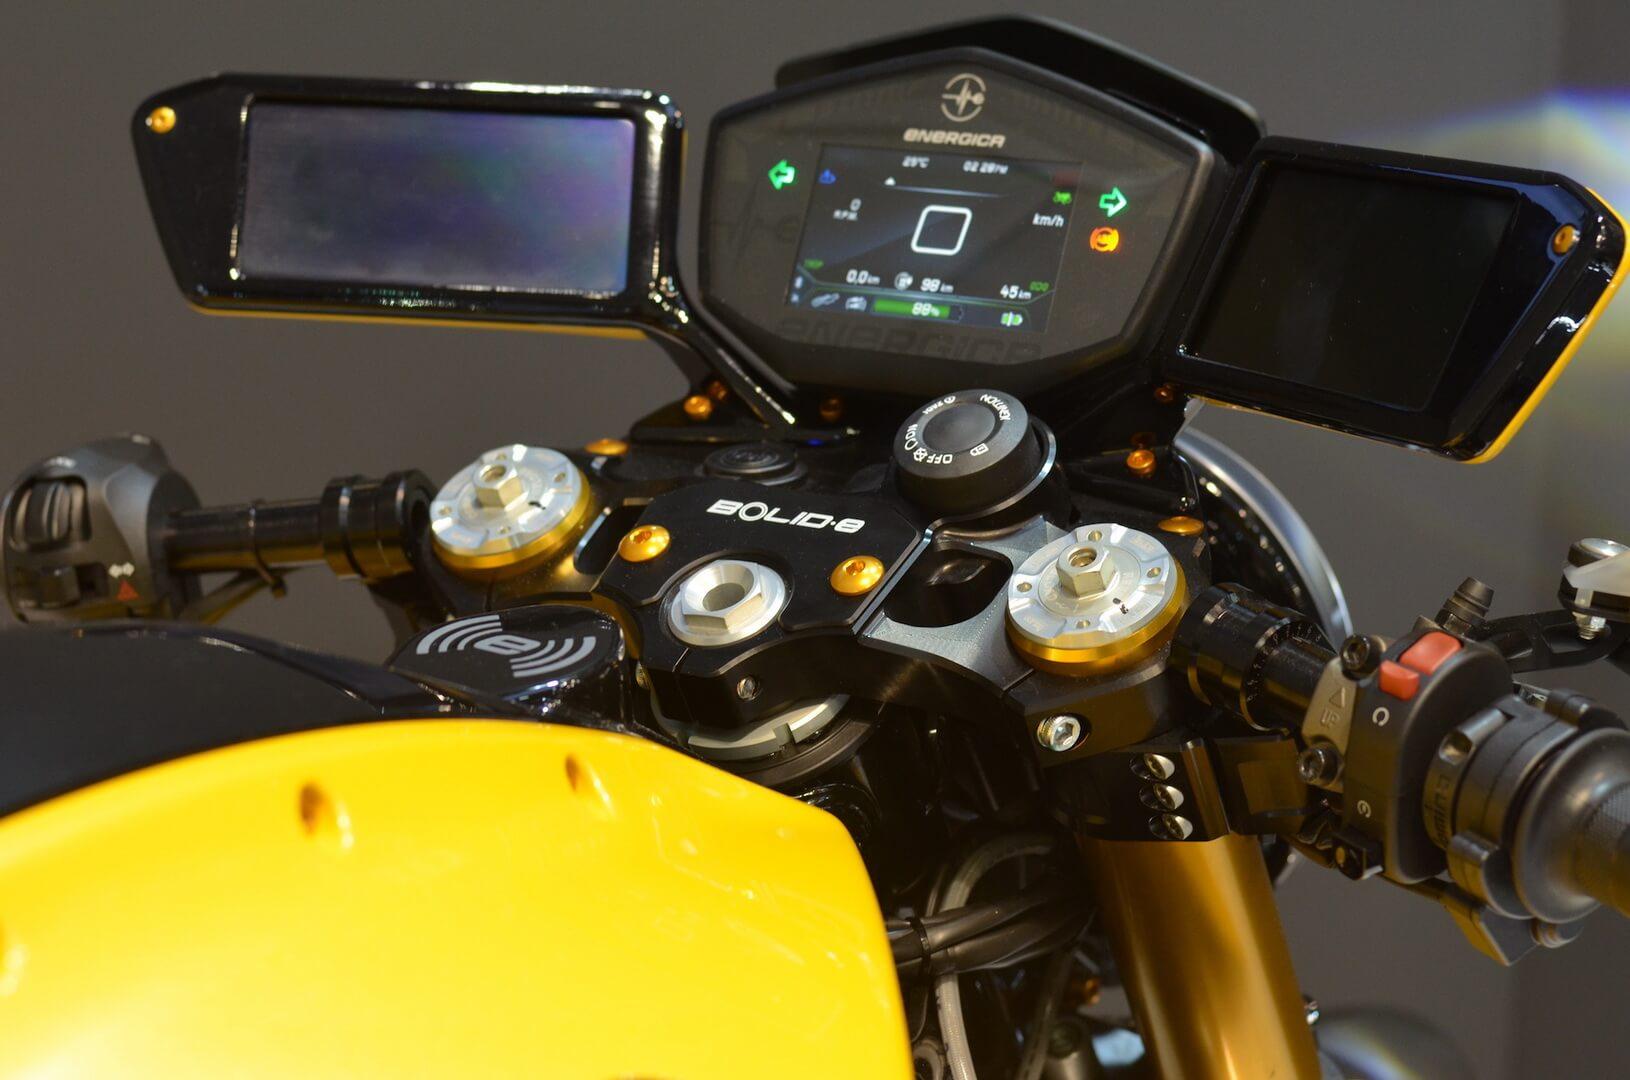 Например к электрическому мотоциклу Bolid-E можно подключить смарт-часы Samsung